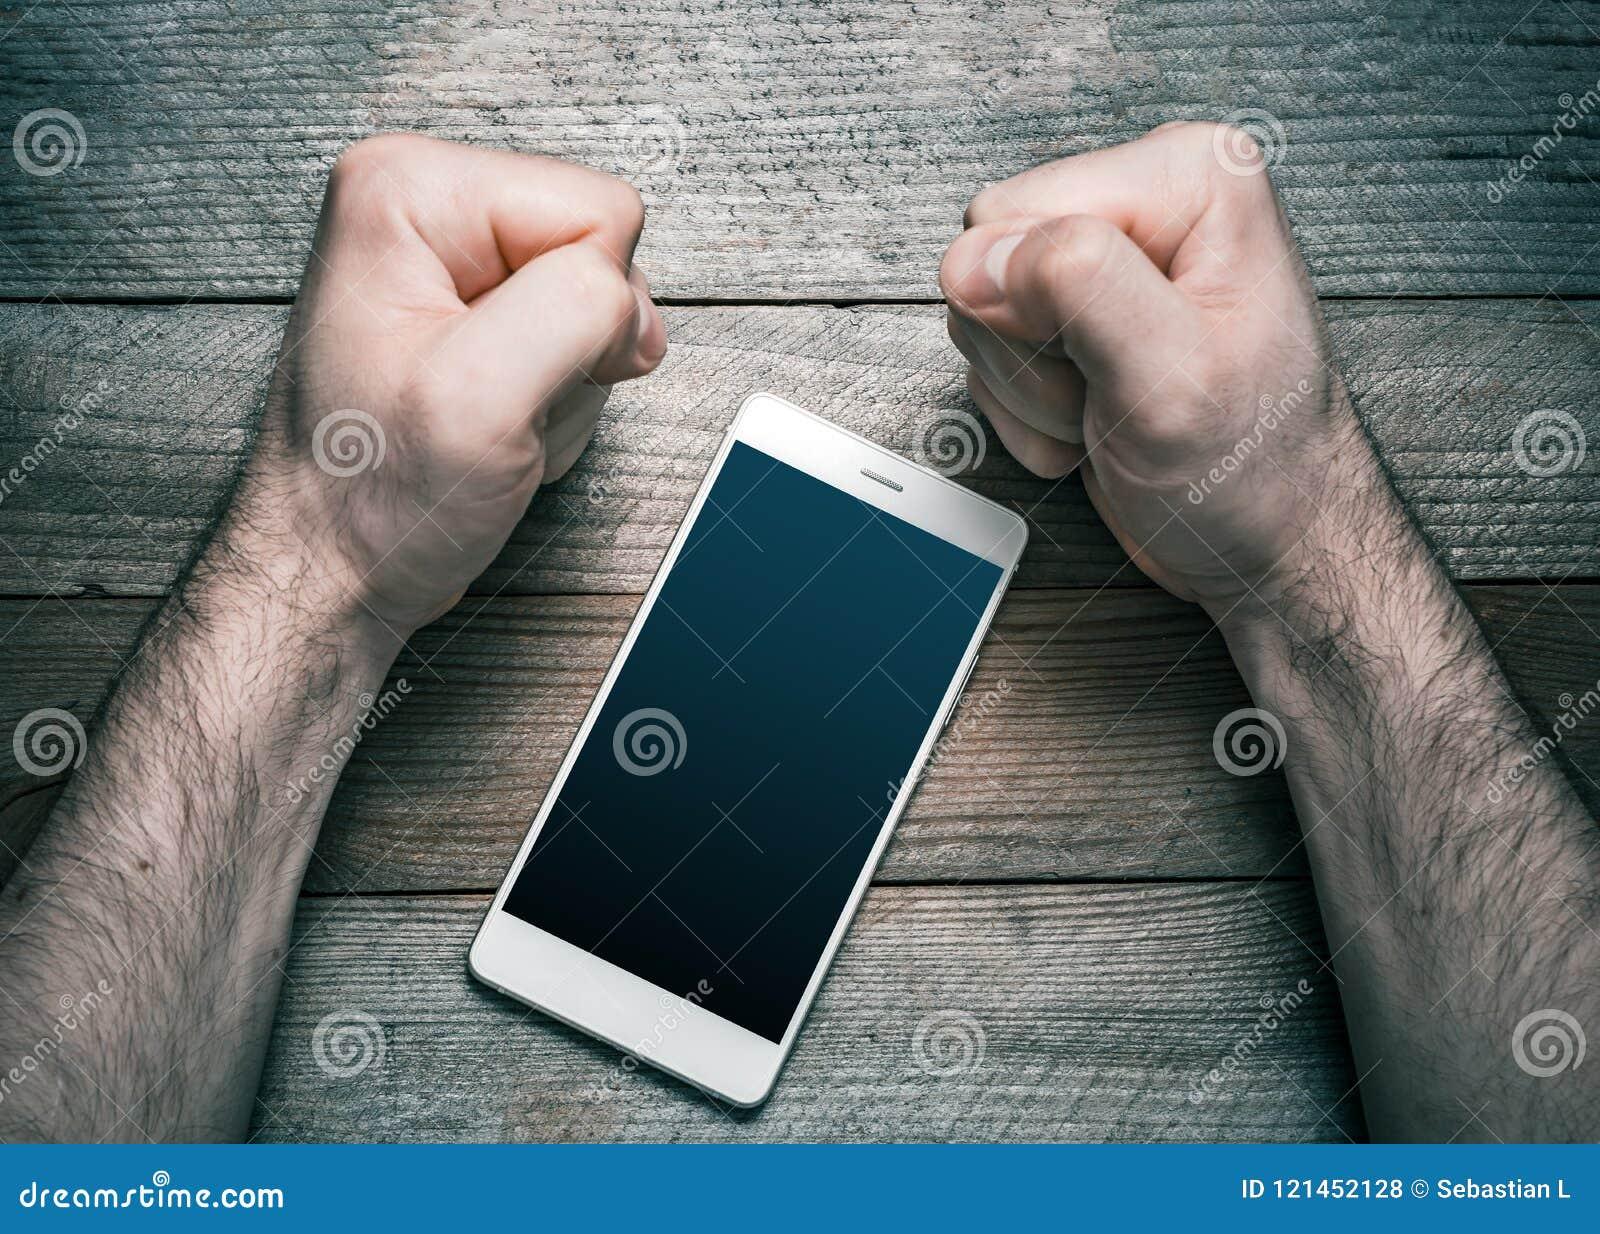 Εγκαταλείψτε Smartphone ή η κοινωνική έννοια μέσων με ένα άσπρο κινητό τηλέφωνο που περιβλήθηκε από 2 τόνισε να φανεί σφιγγμένες